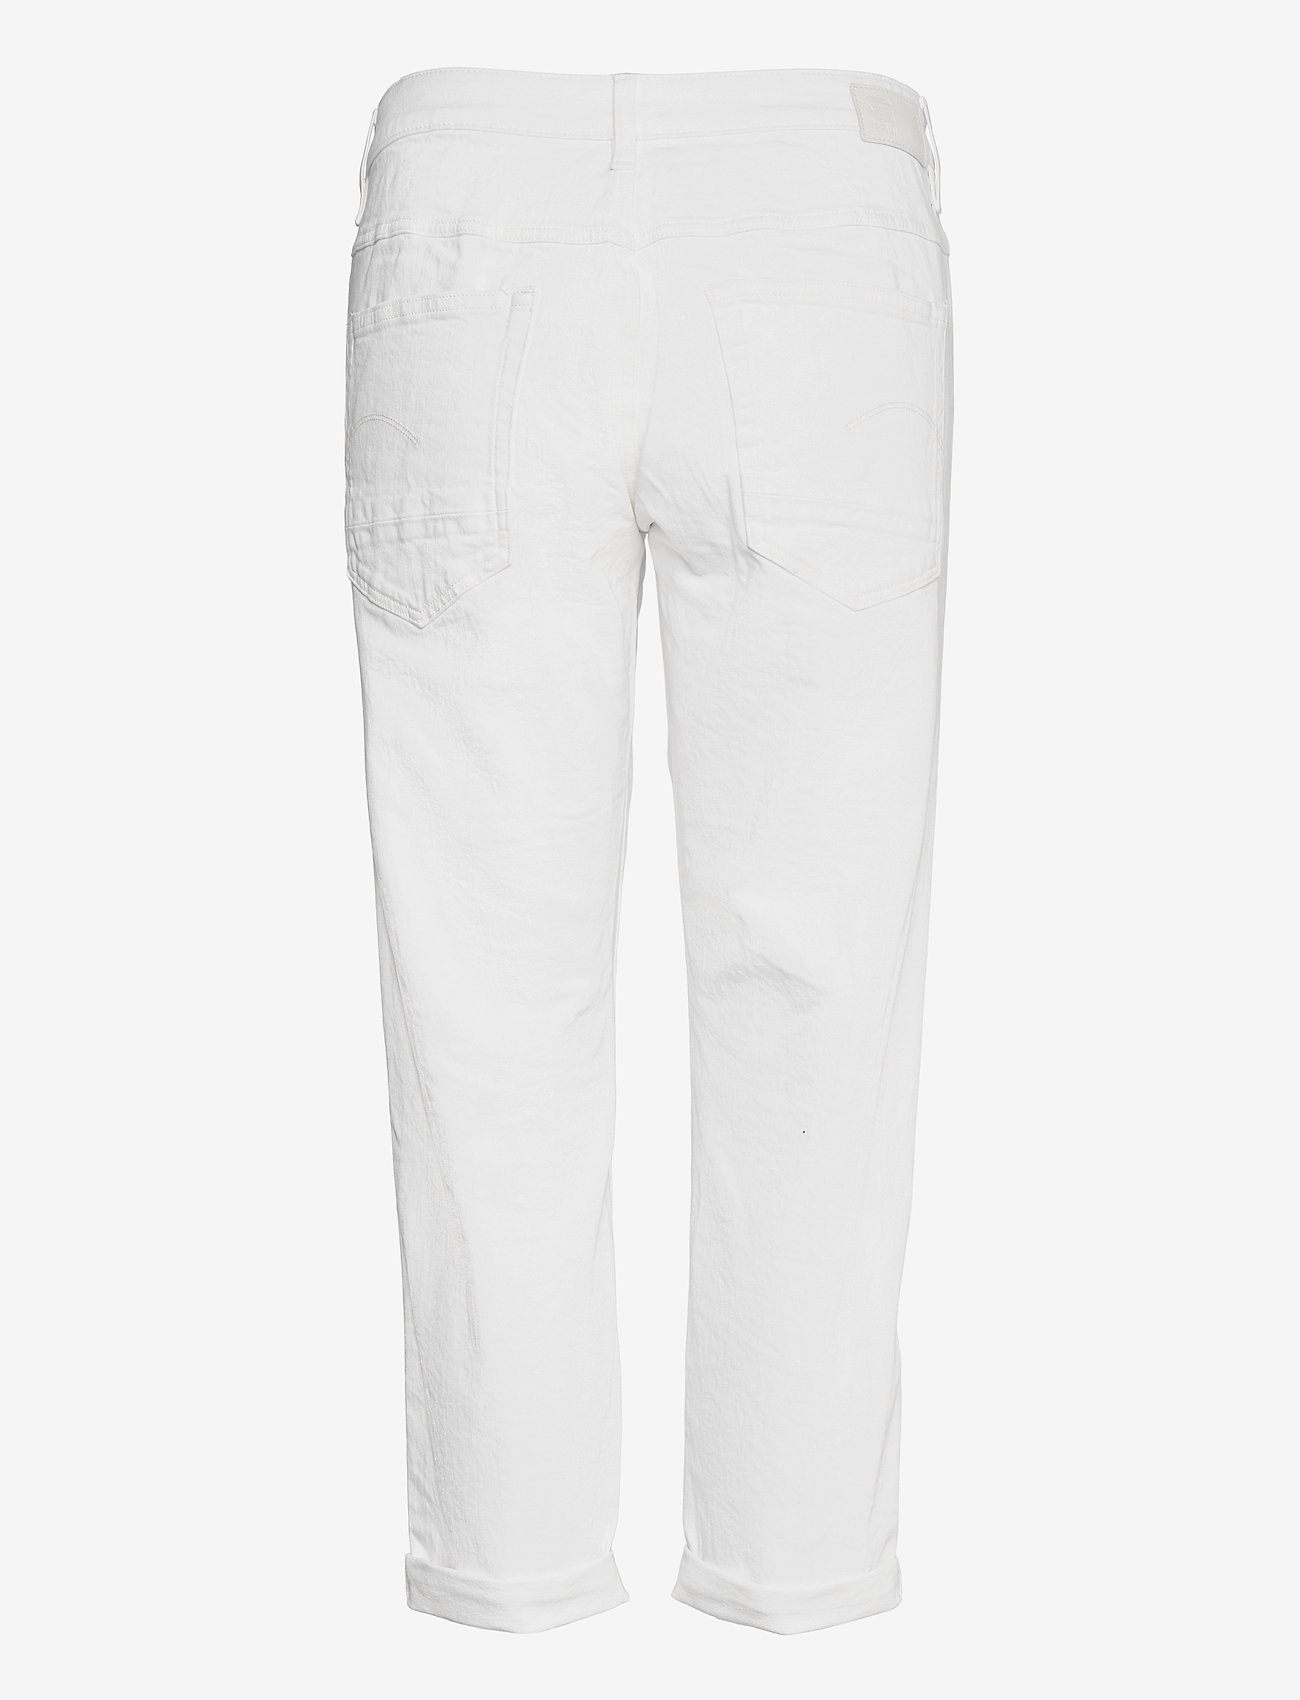 G-star RAW - Kate Boyfriend Wmn - boyfriend jeans - white - 1